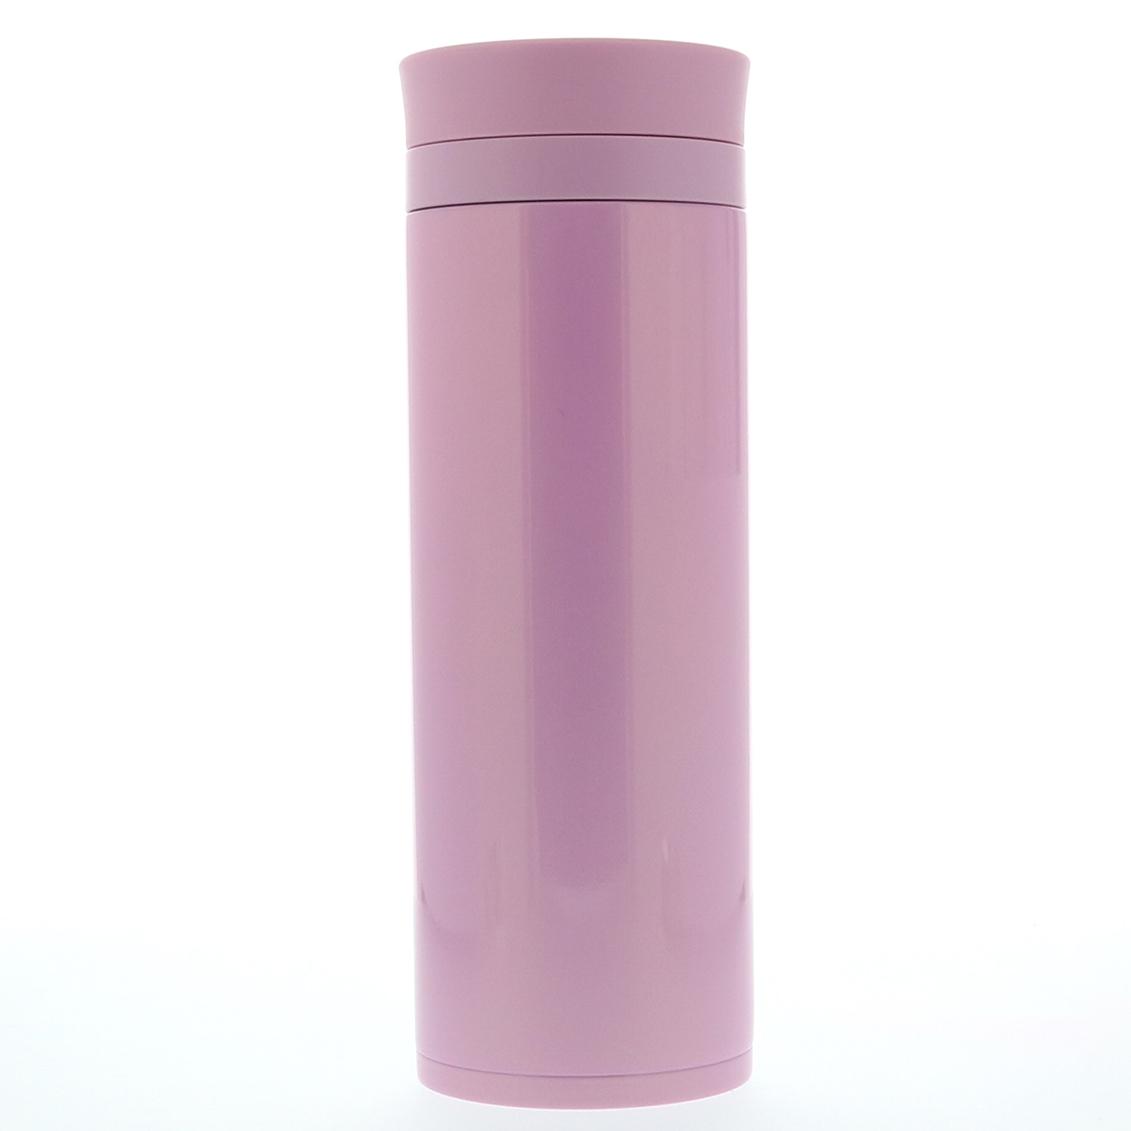 ステンレスカフェボトル 500ml 3色